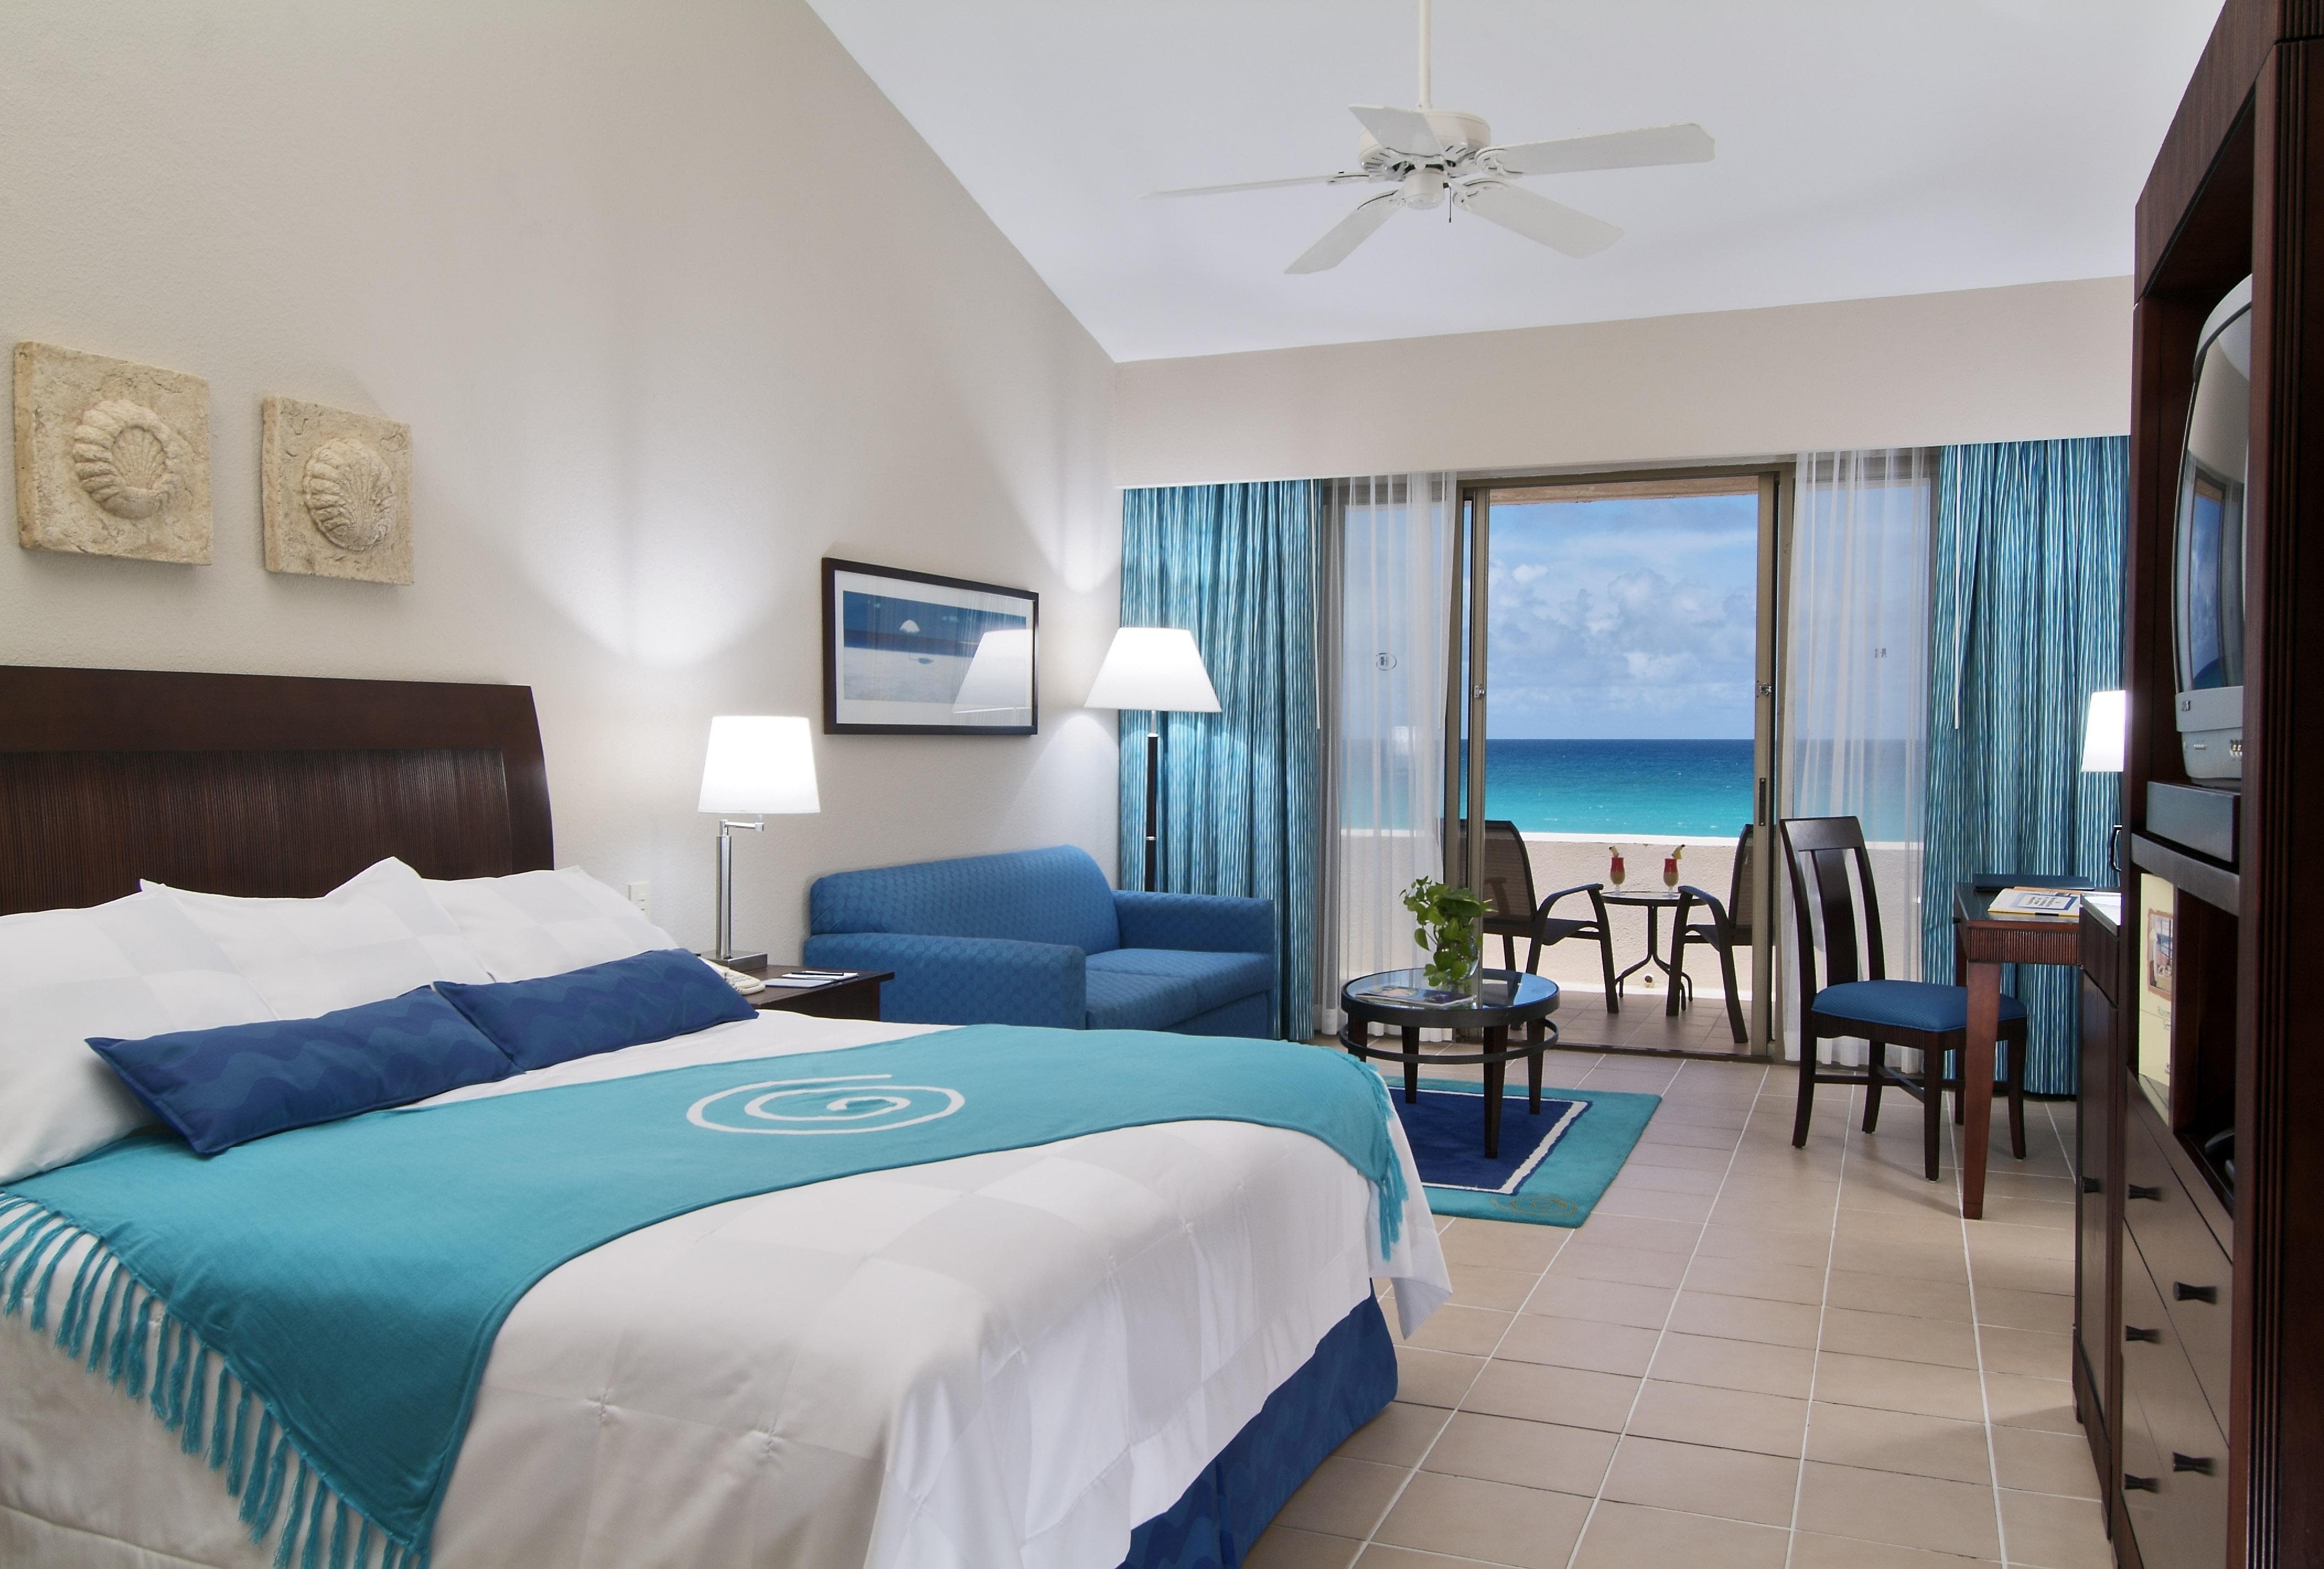 1377397630_iberostar-cancun-ocean-front-villa-king.jpg